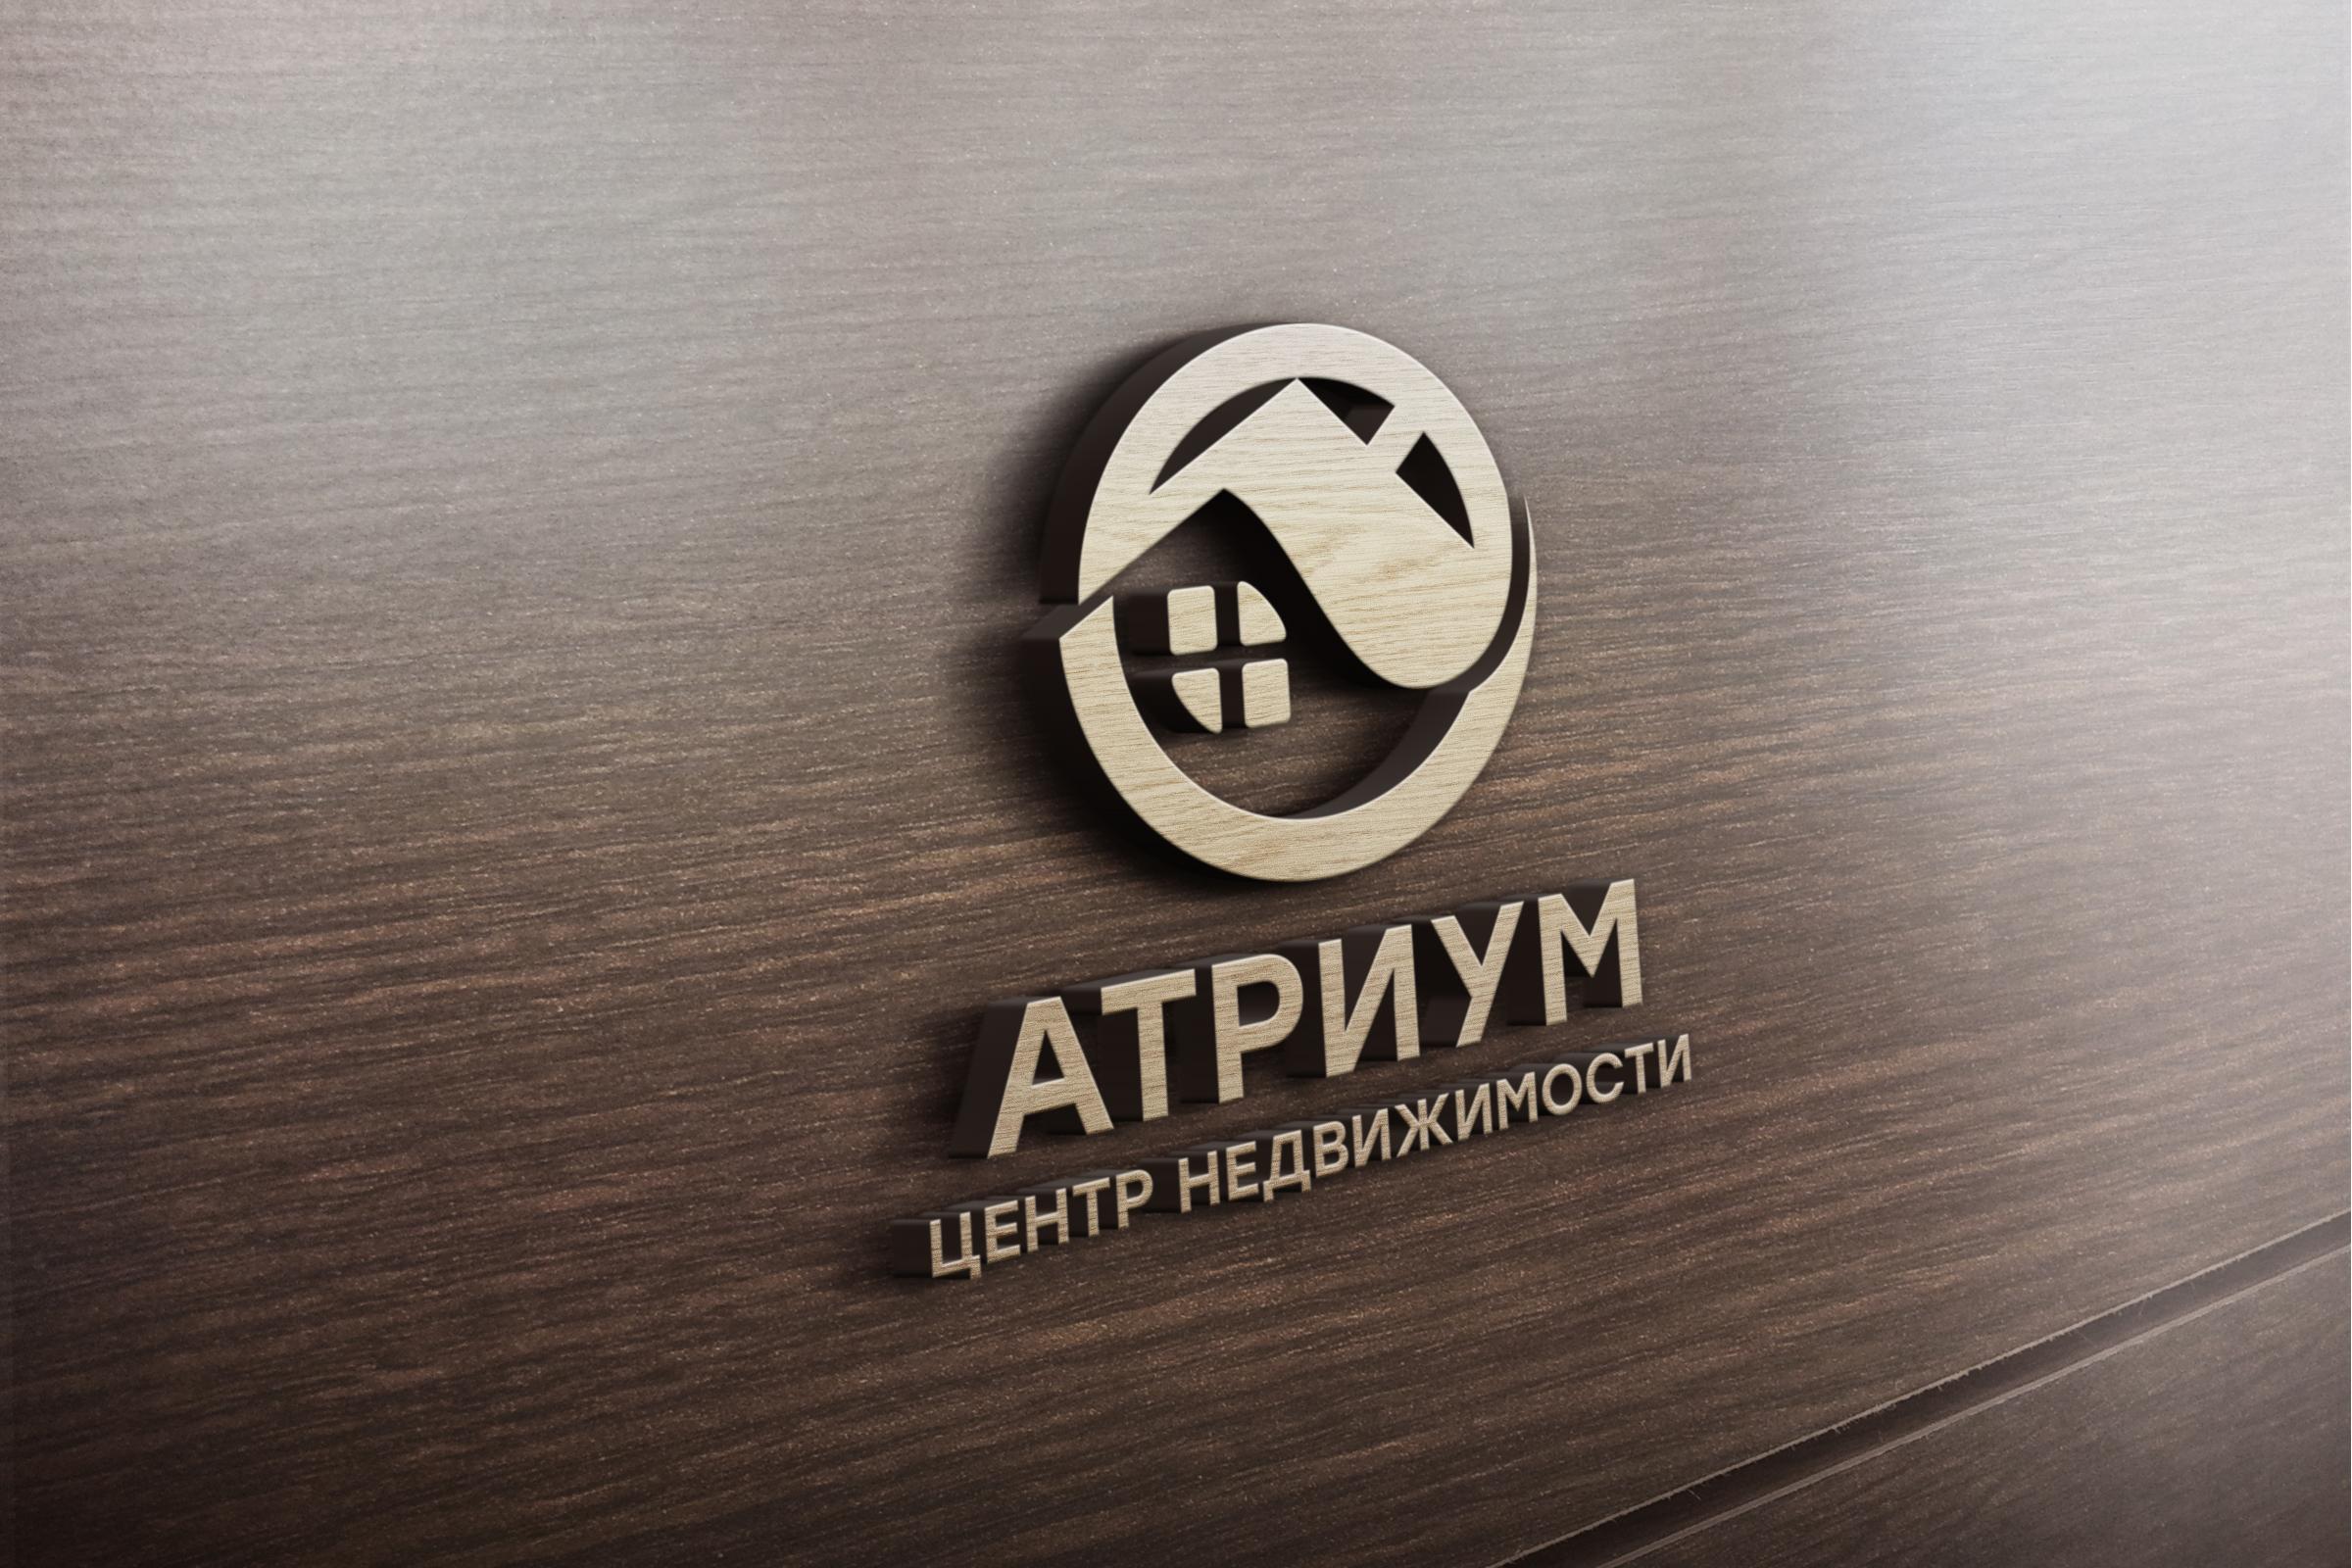 Редизайн / модернизация логотипа Центра недвижимости фото f_6755bc0cb0b65275.jpg